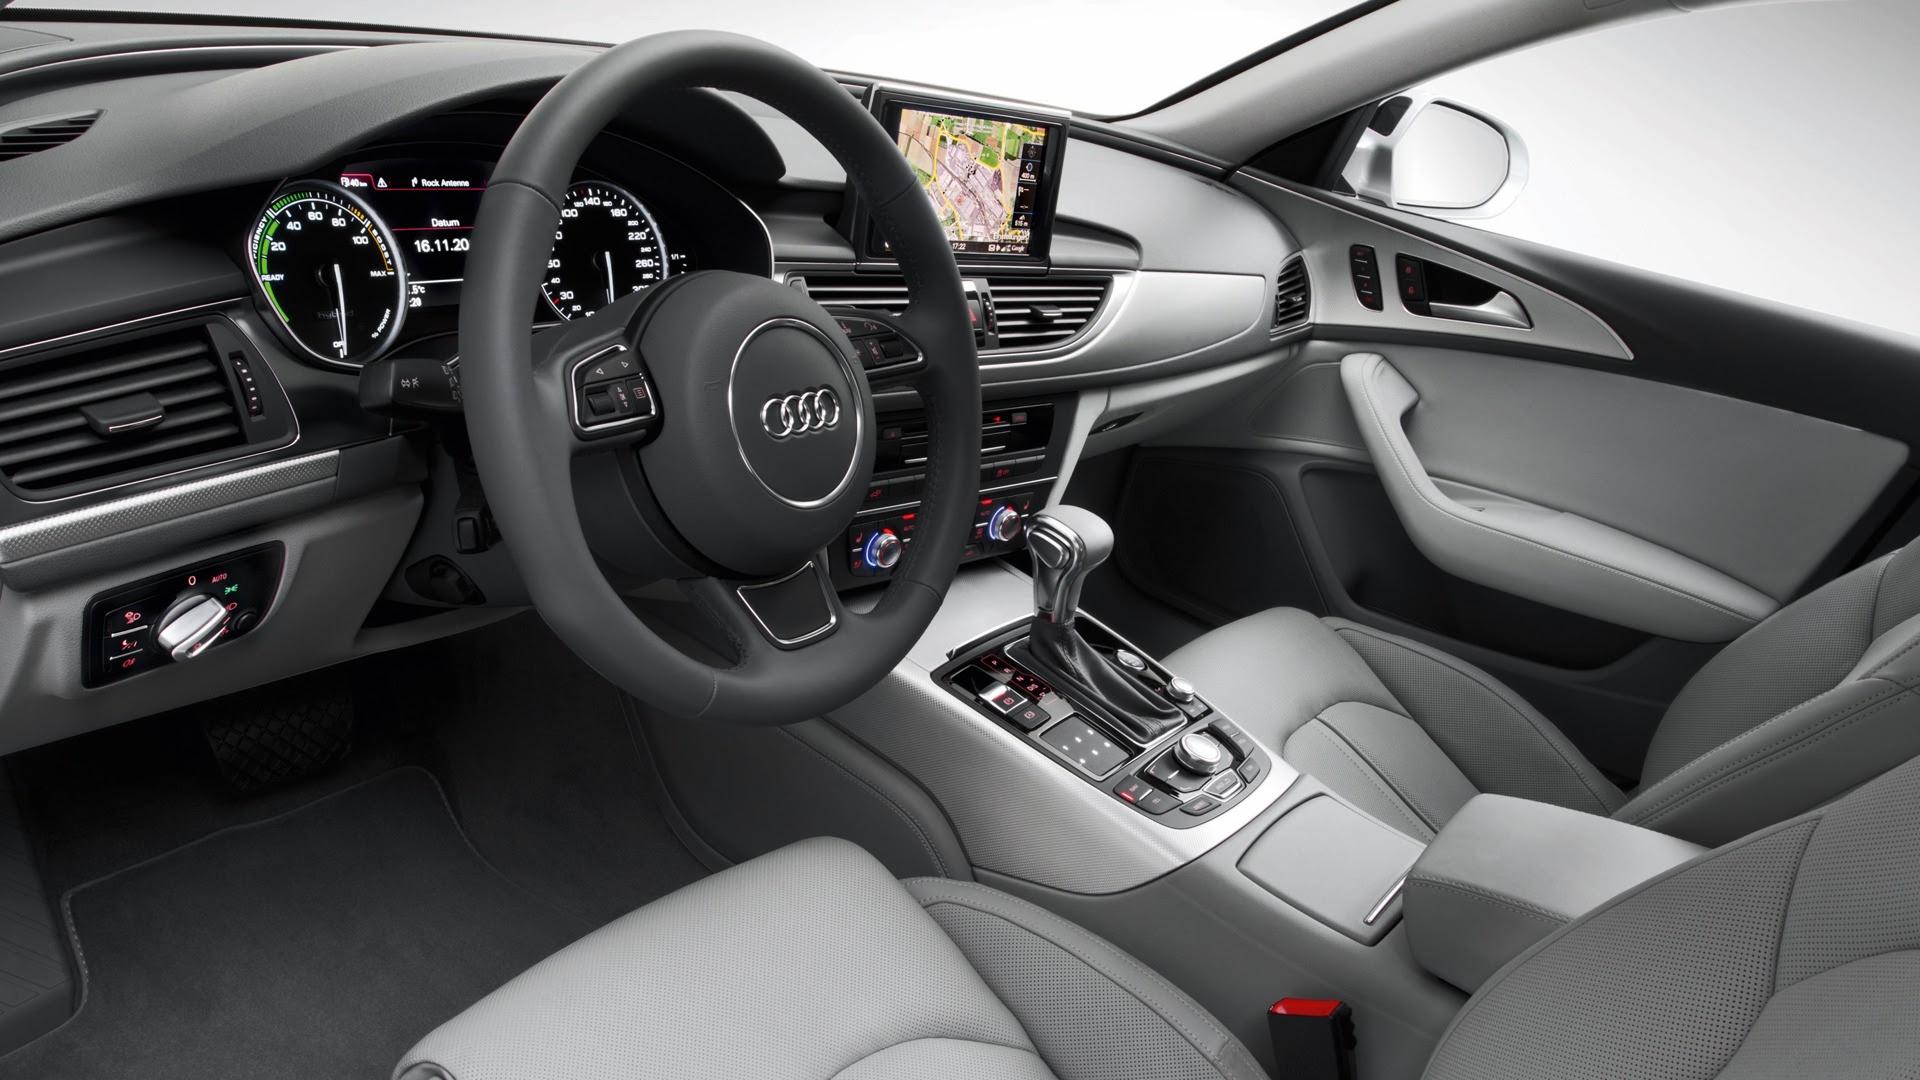 Audi A6 Hybrid 2011 HD Wallpaper 11 1920x1080 Wallpaper